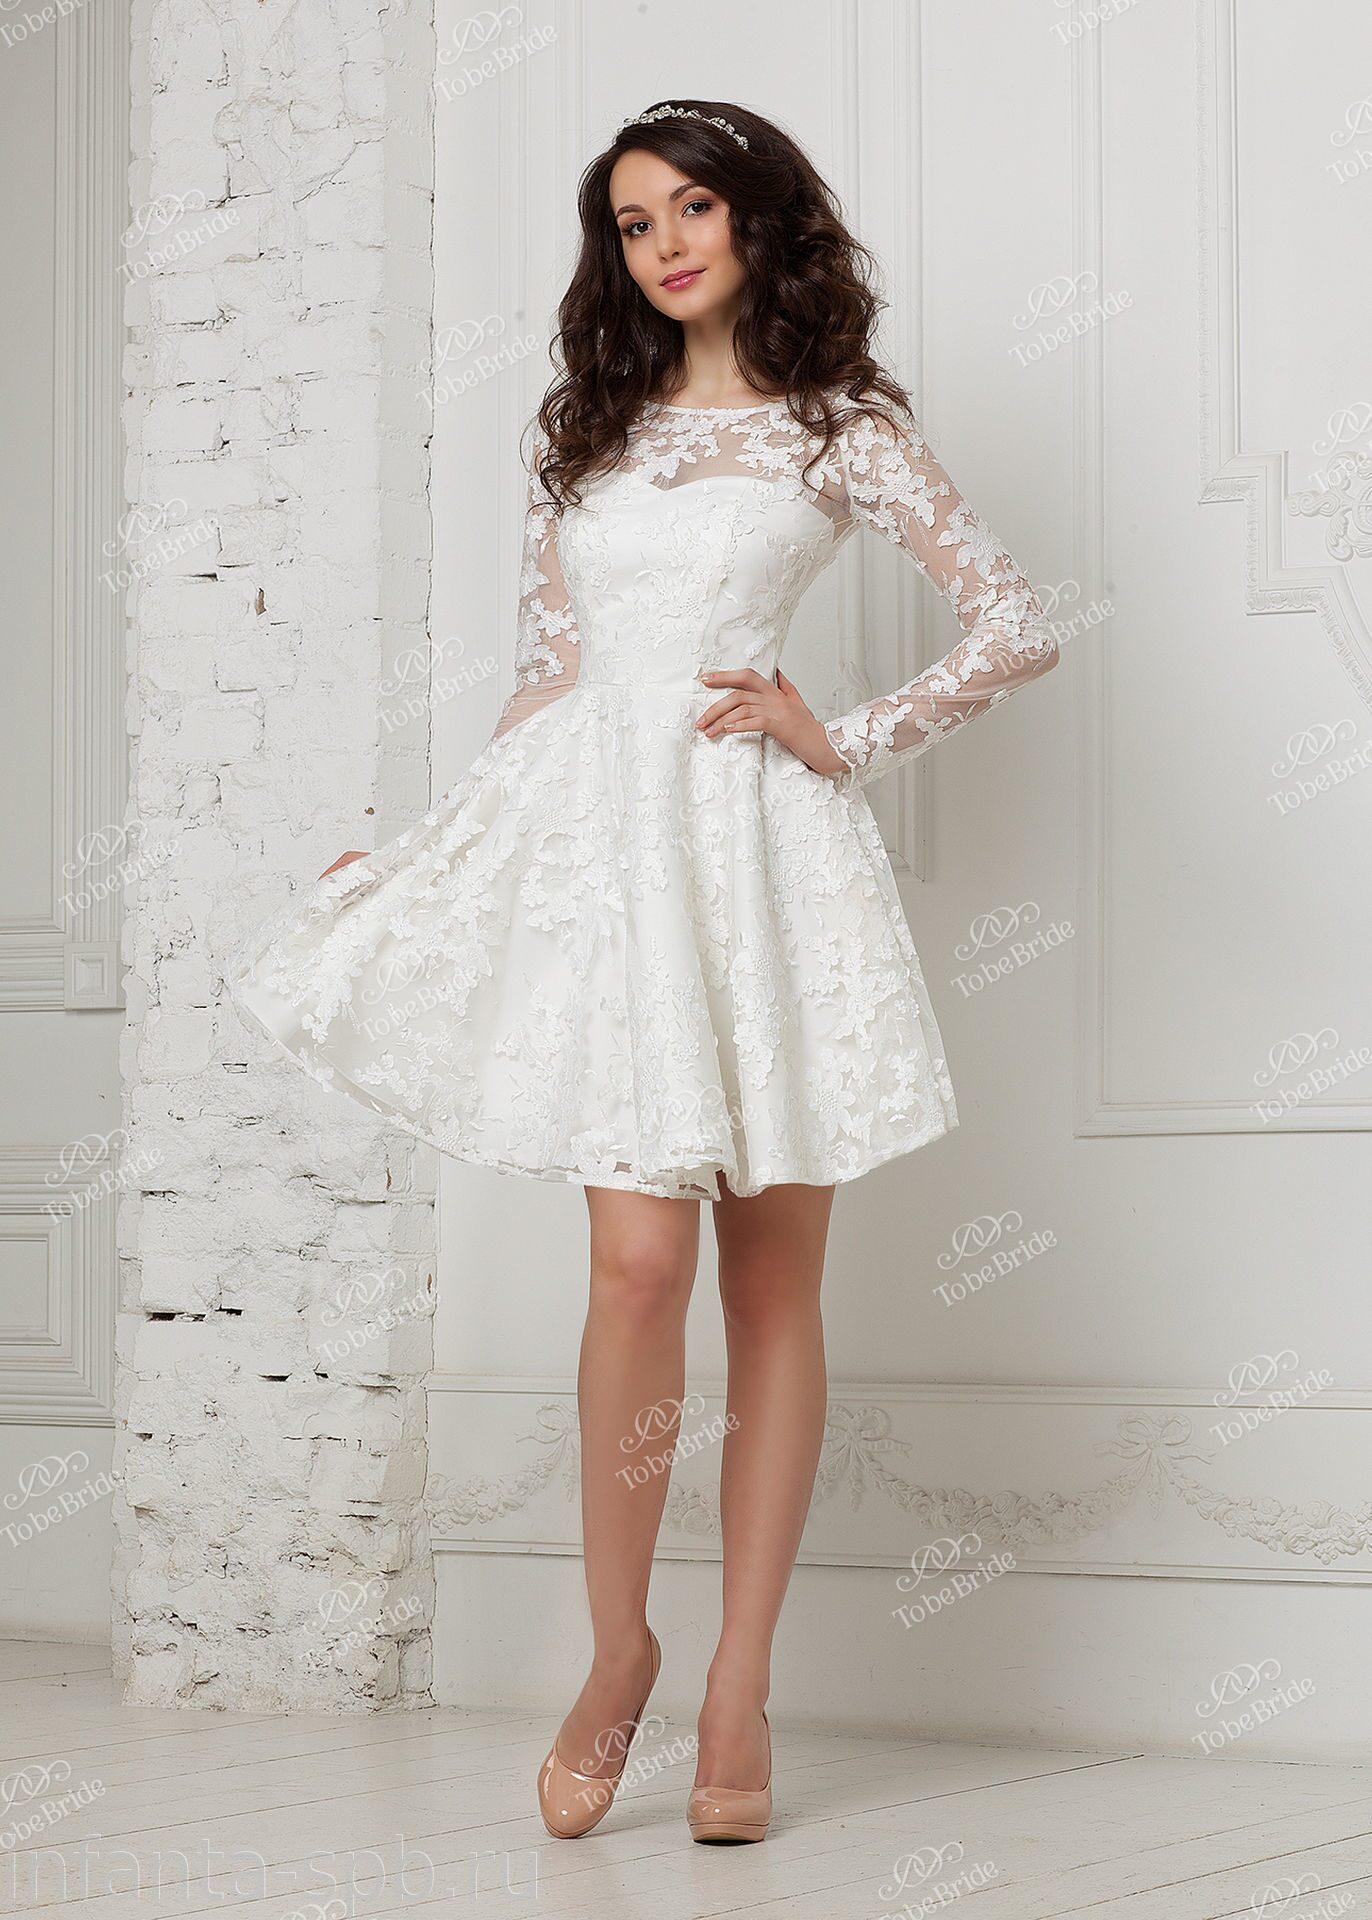 Женские Платья Для Свадьбы